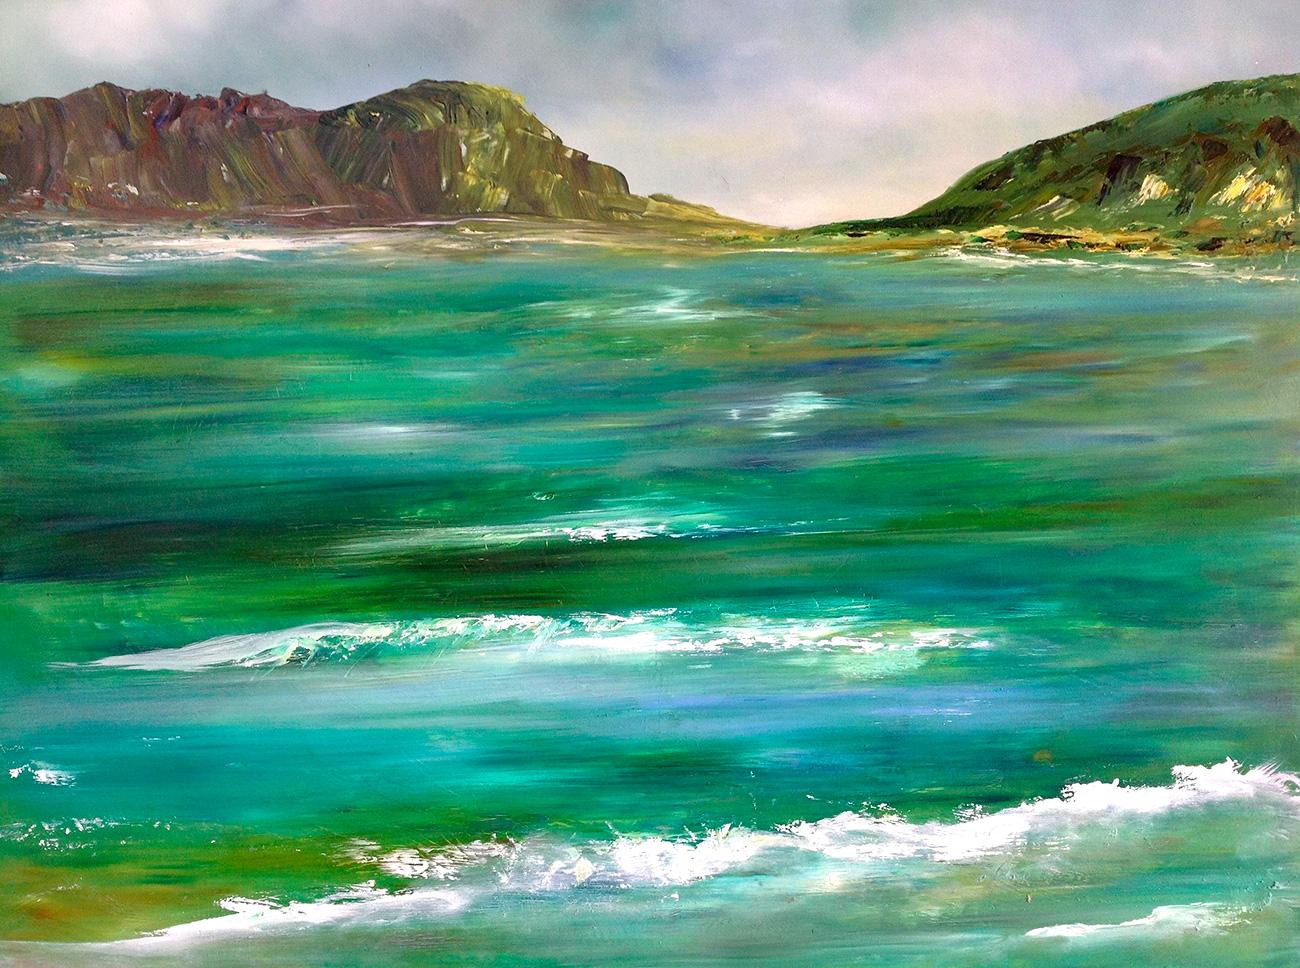 Elaine Green - 'Emerald Energy'